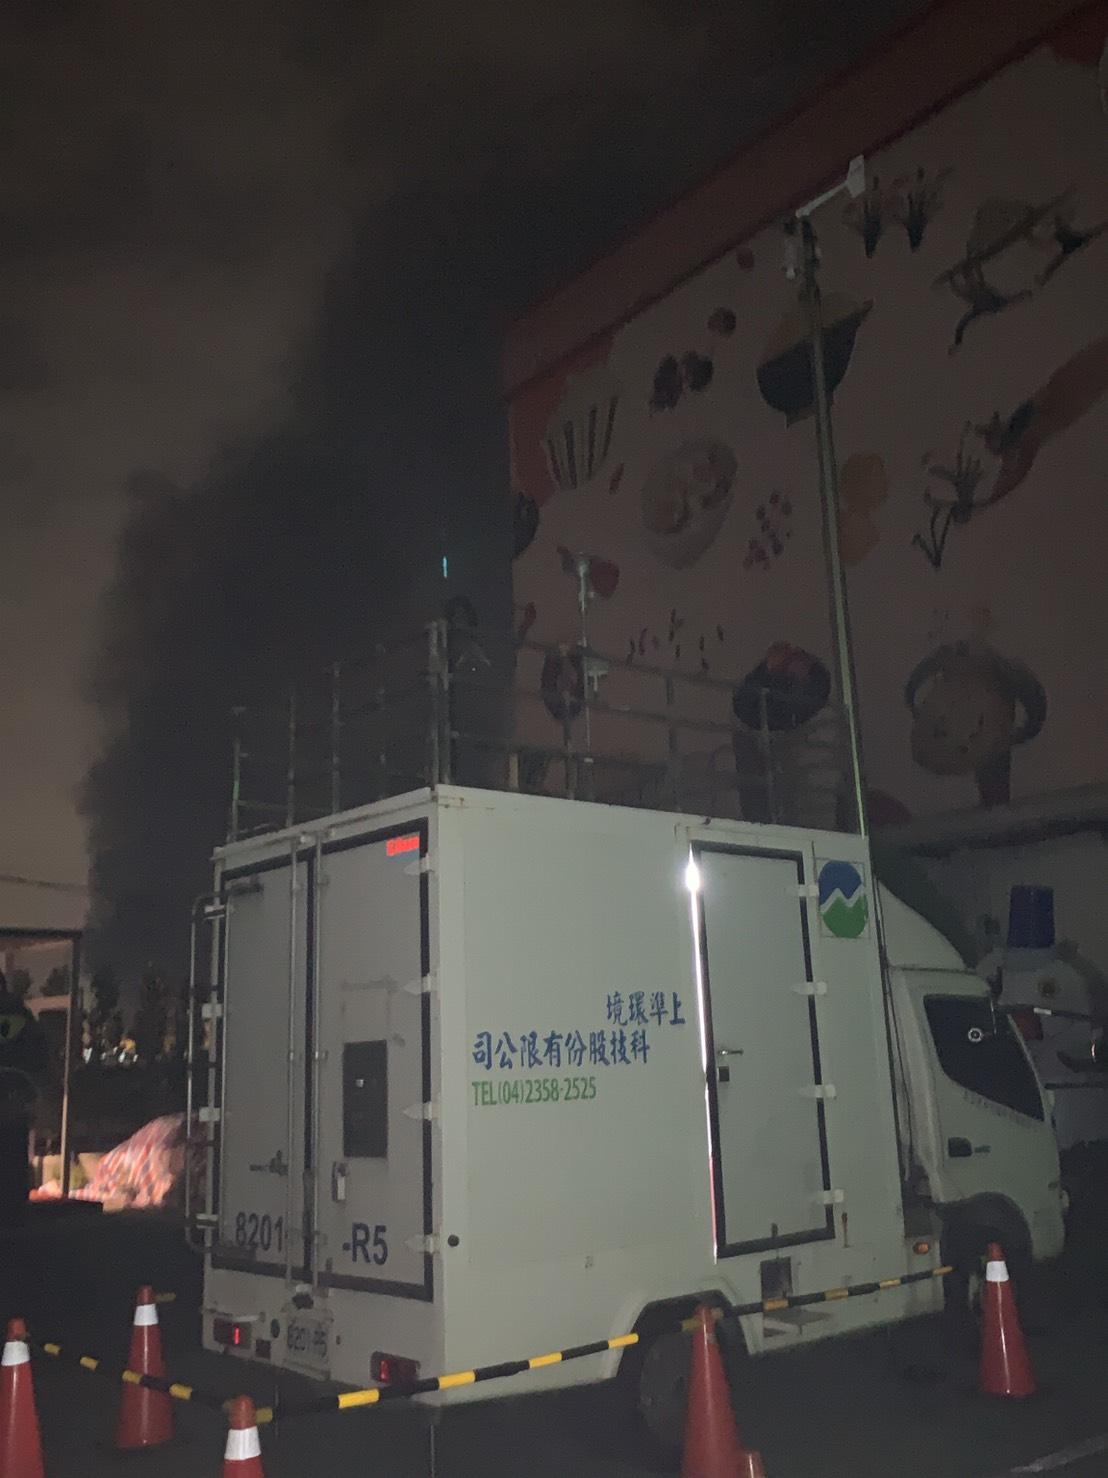 埤頭工業區塑膠工廠火災,提醒影響區域民眾避免外出,在戶外應載口罩!